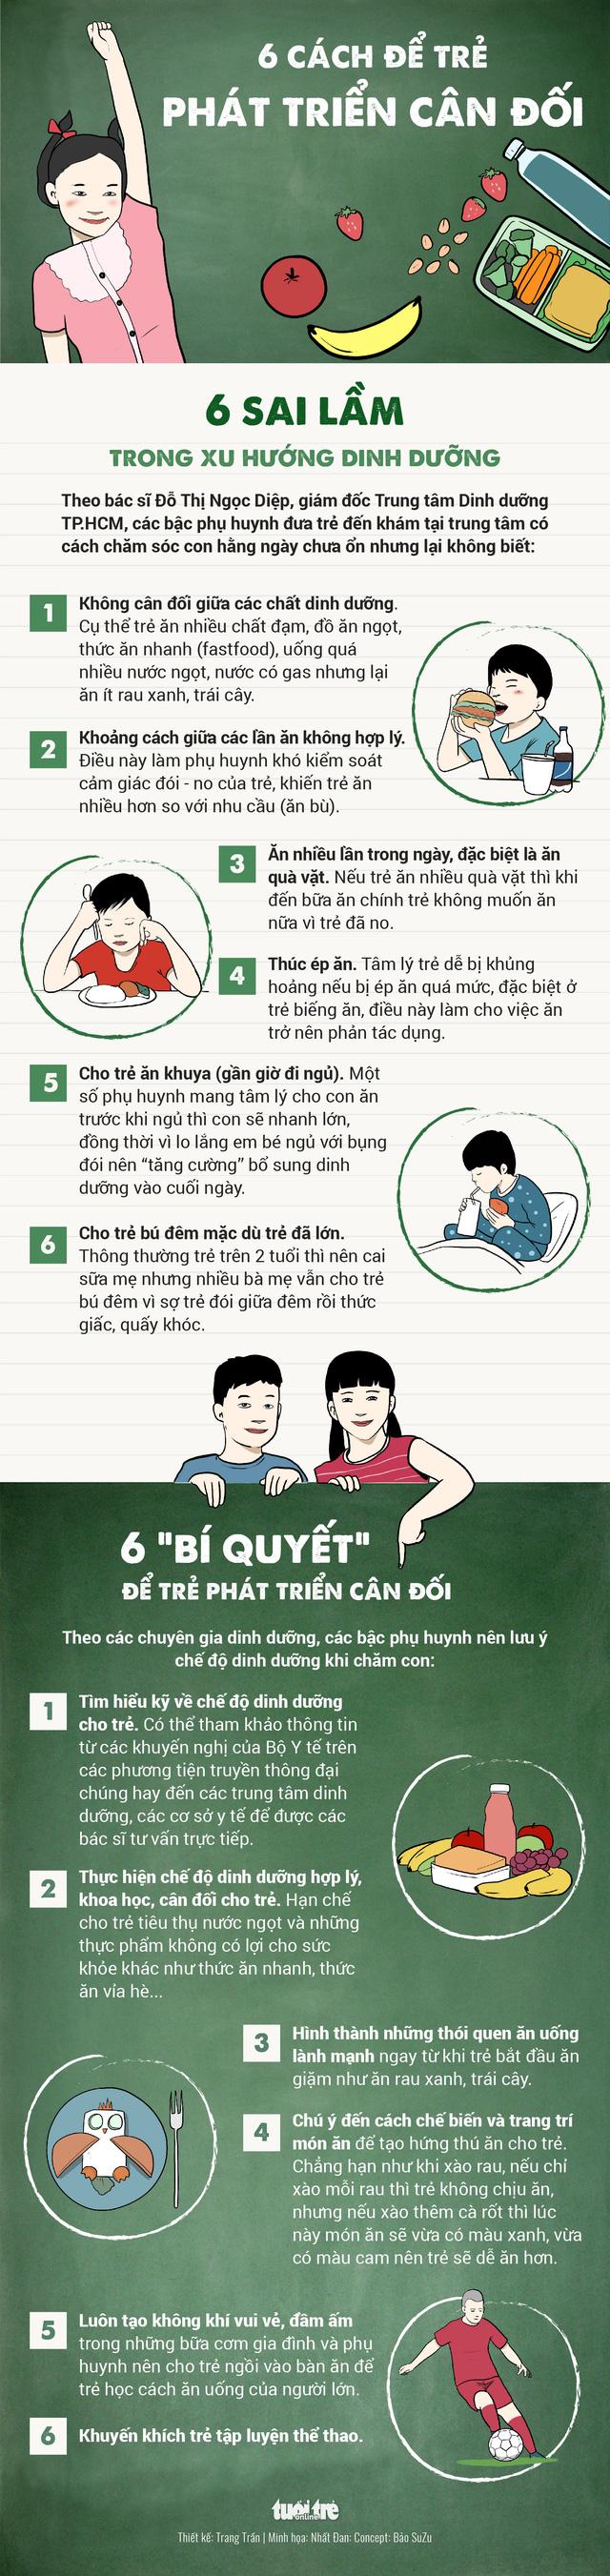 6 cách để trẻ không quá gầy, quá béo - Ảnh 1.